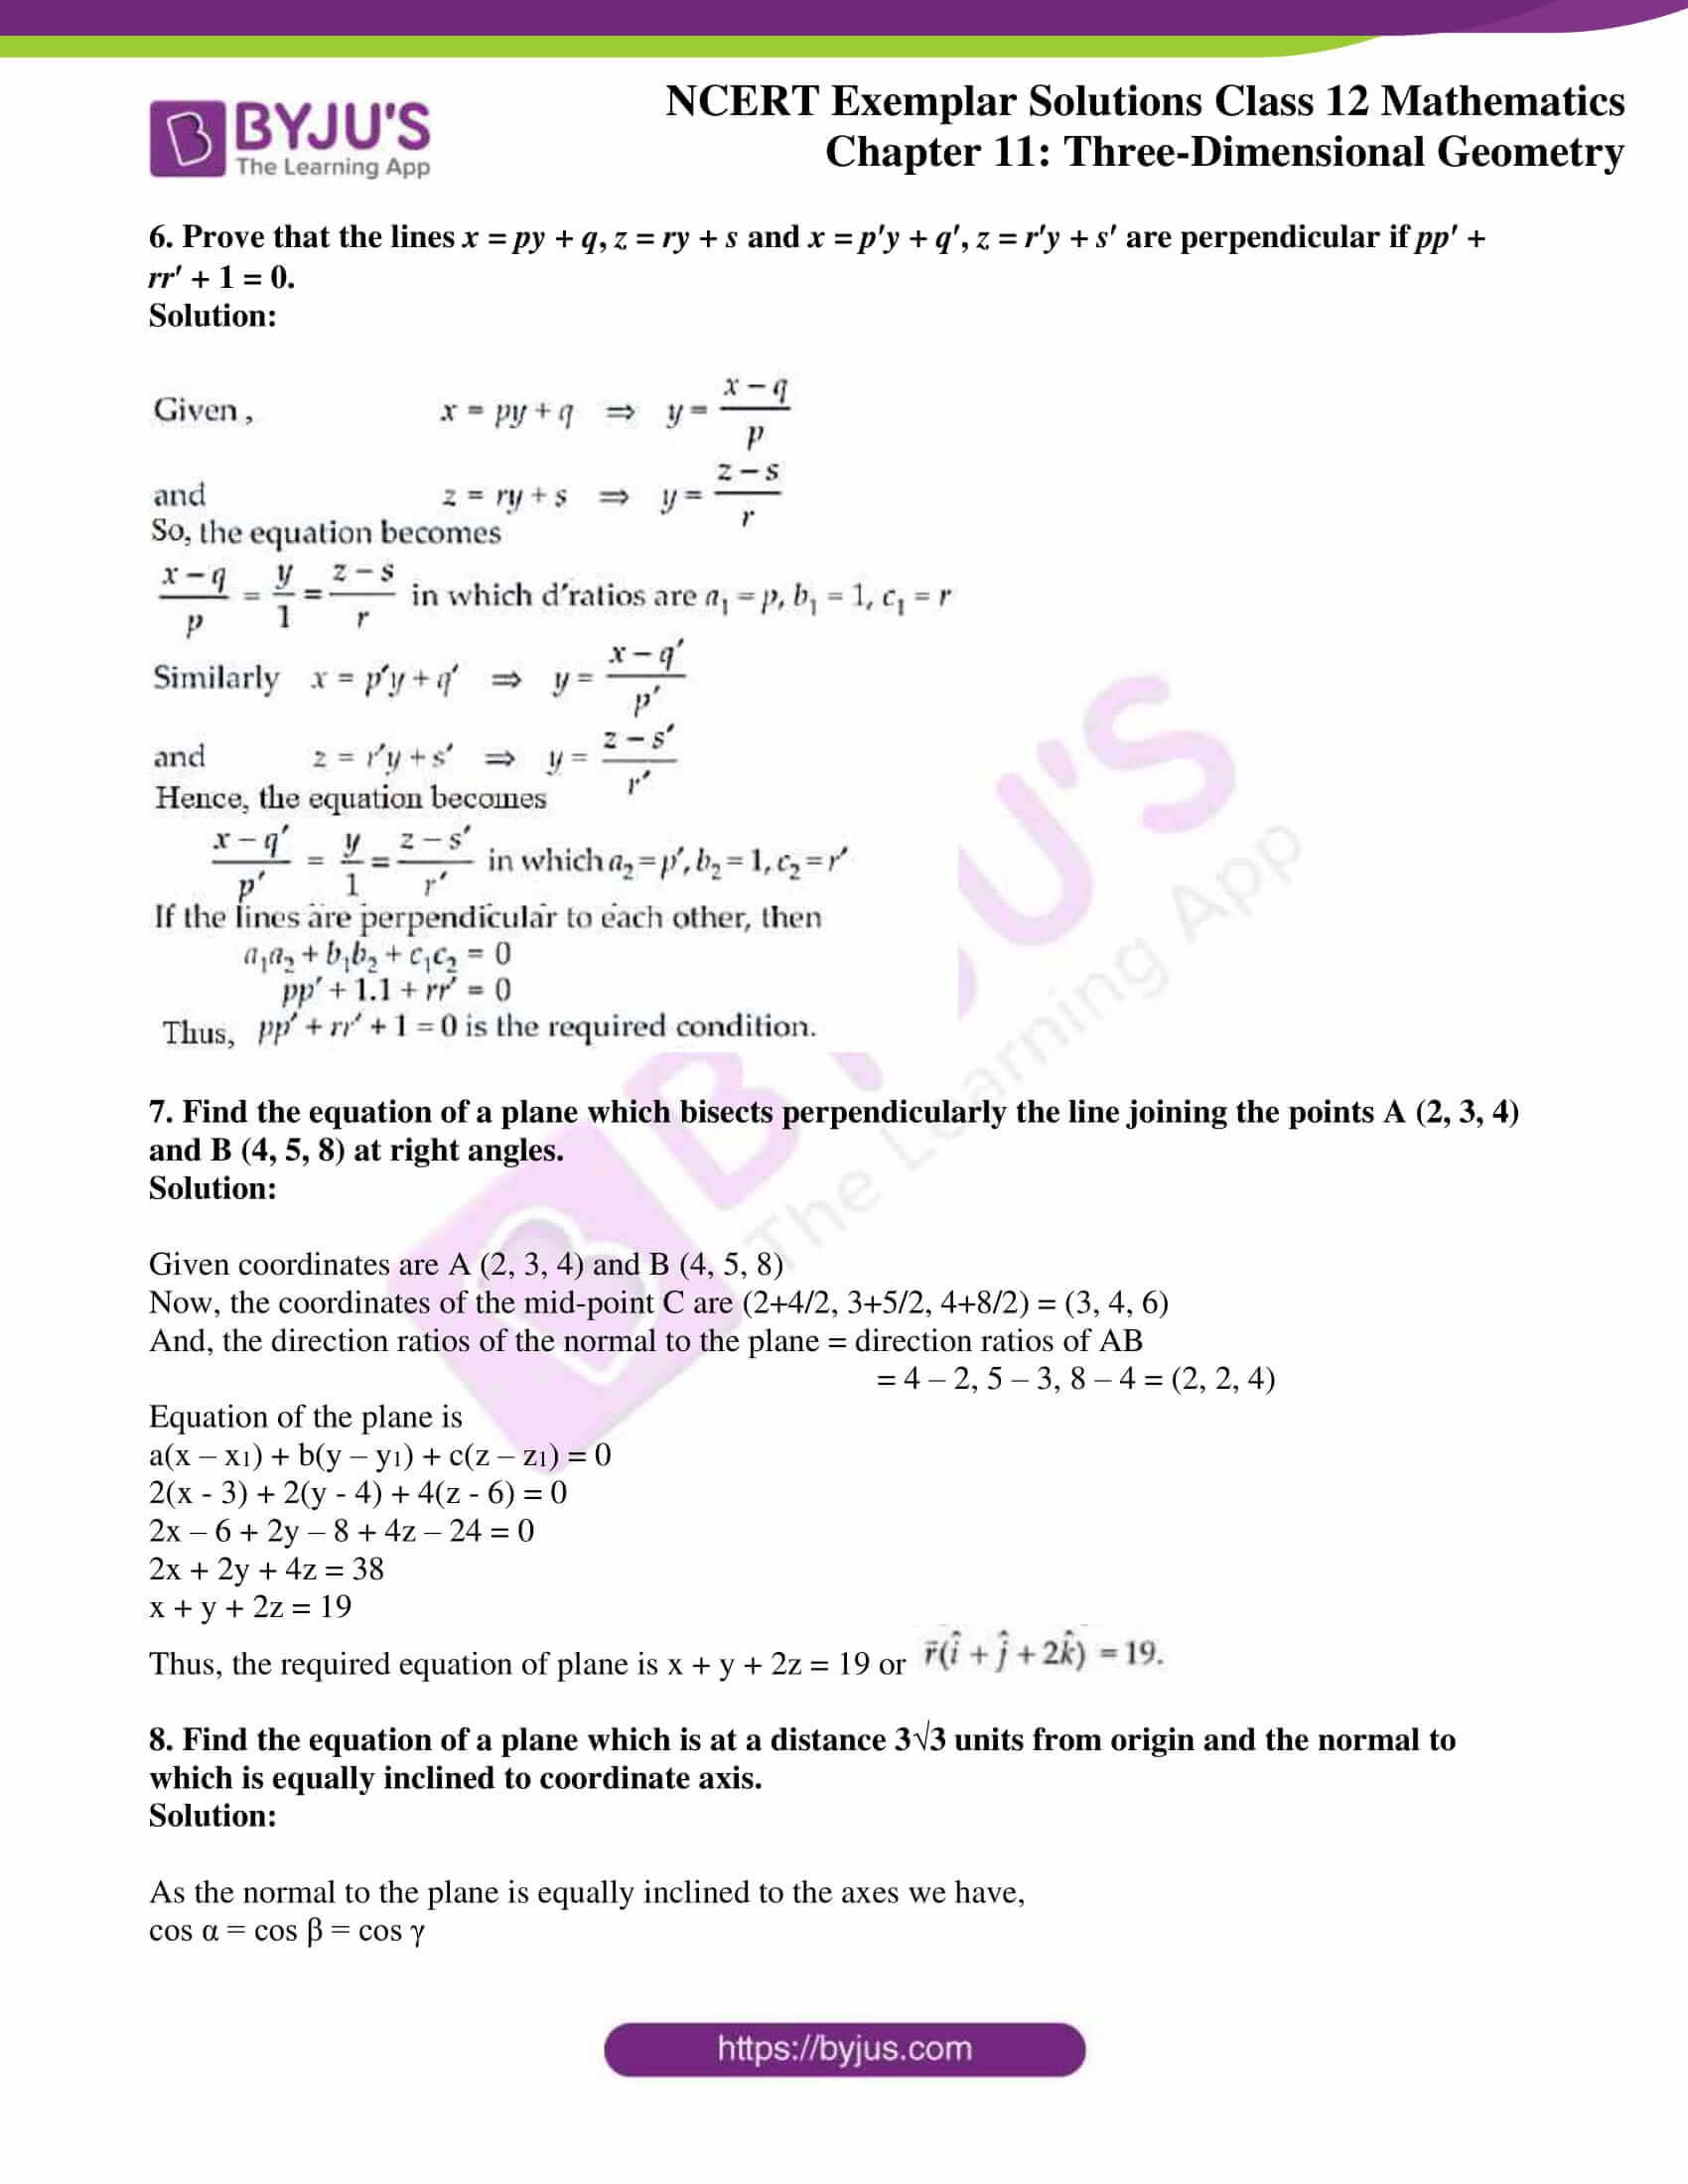 ncert exemplar sol class 12 mathematics ch 11 04